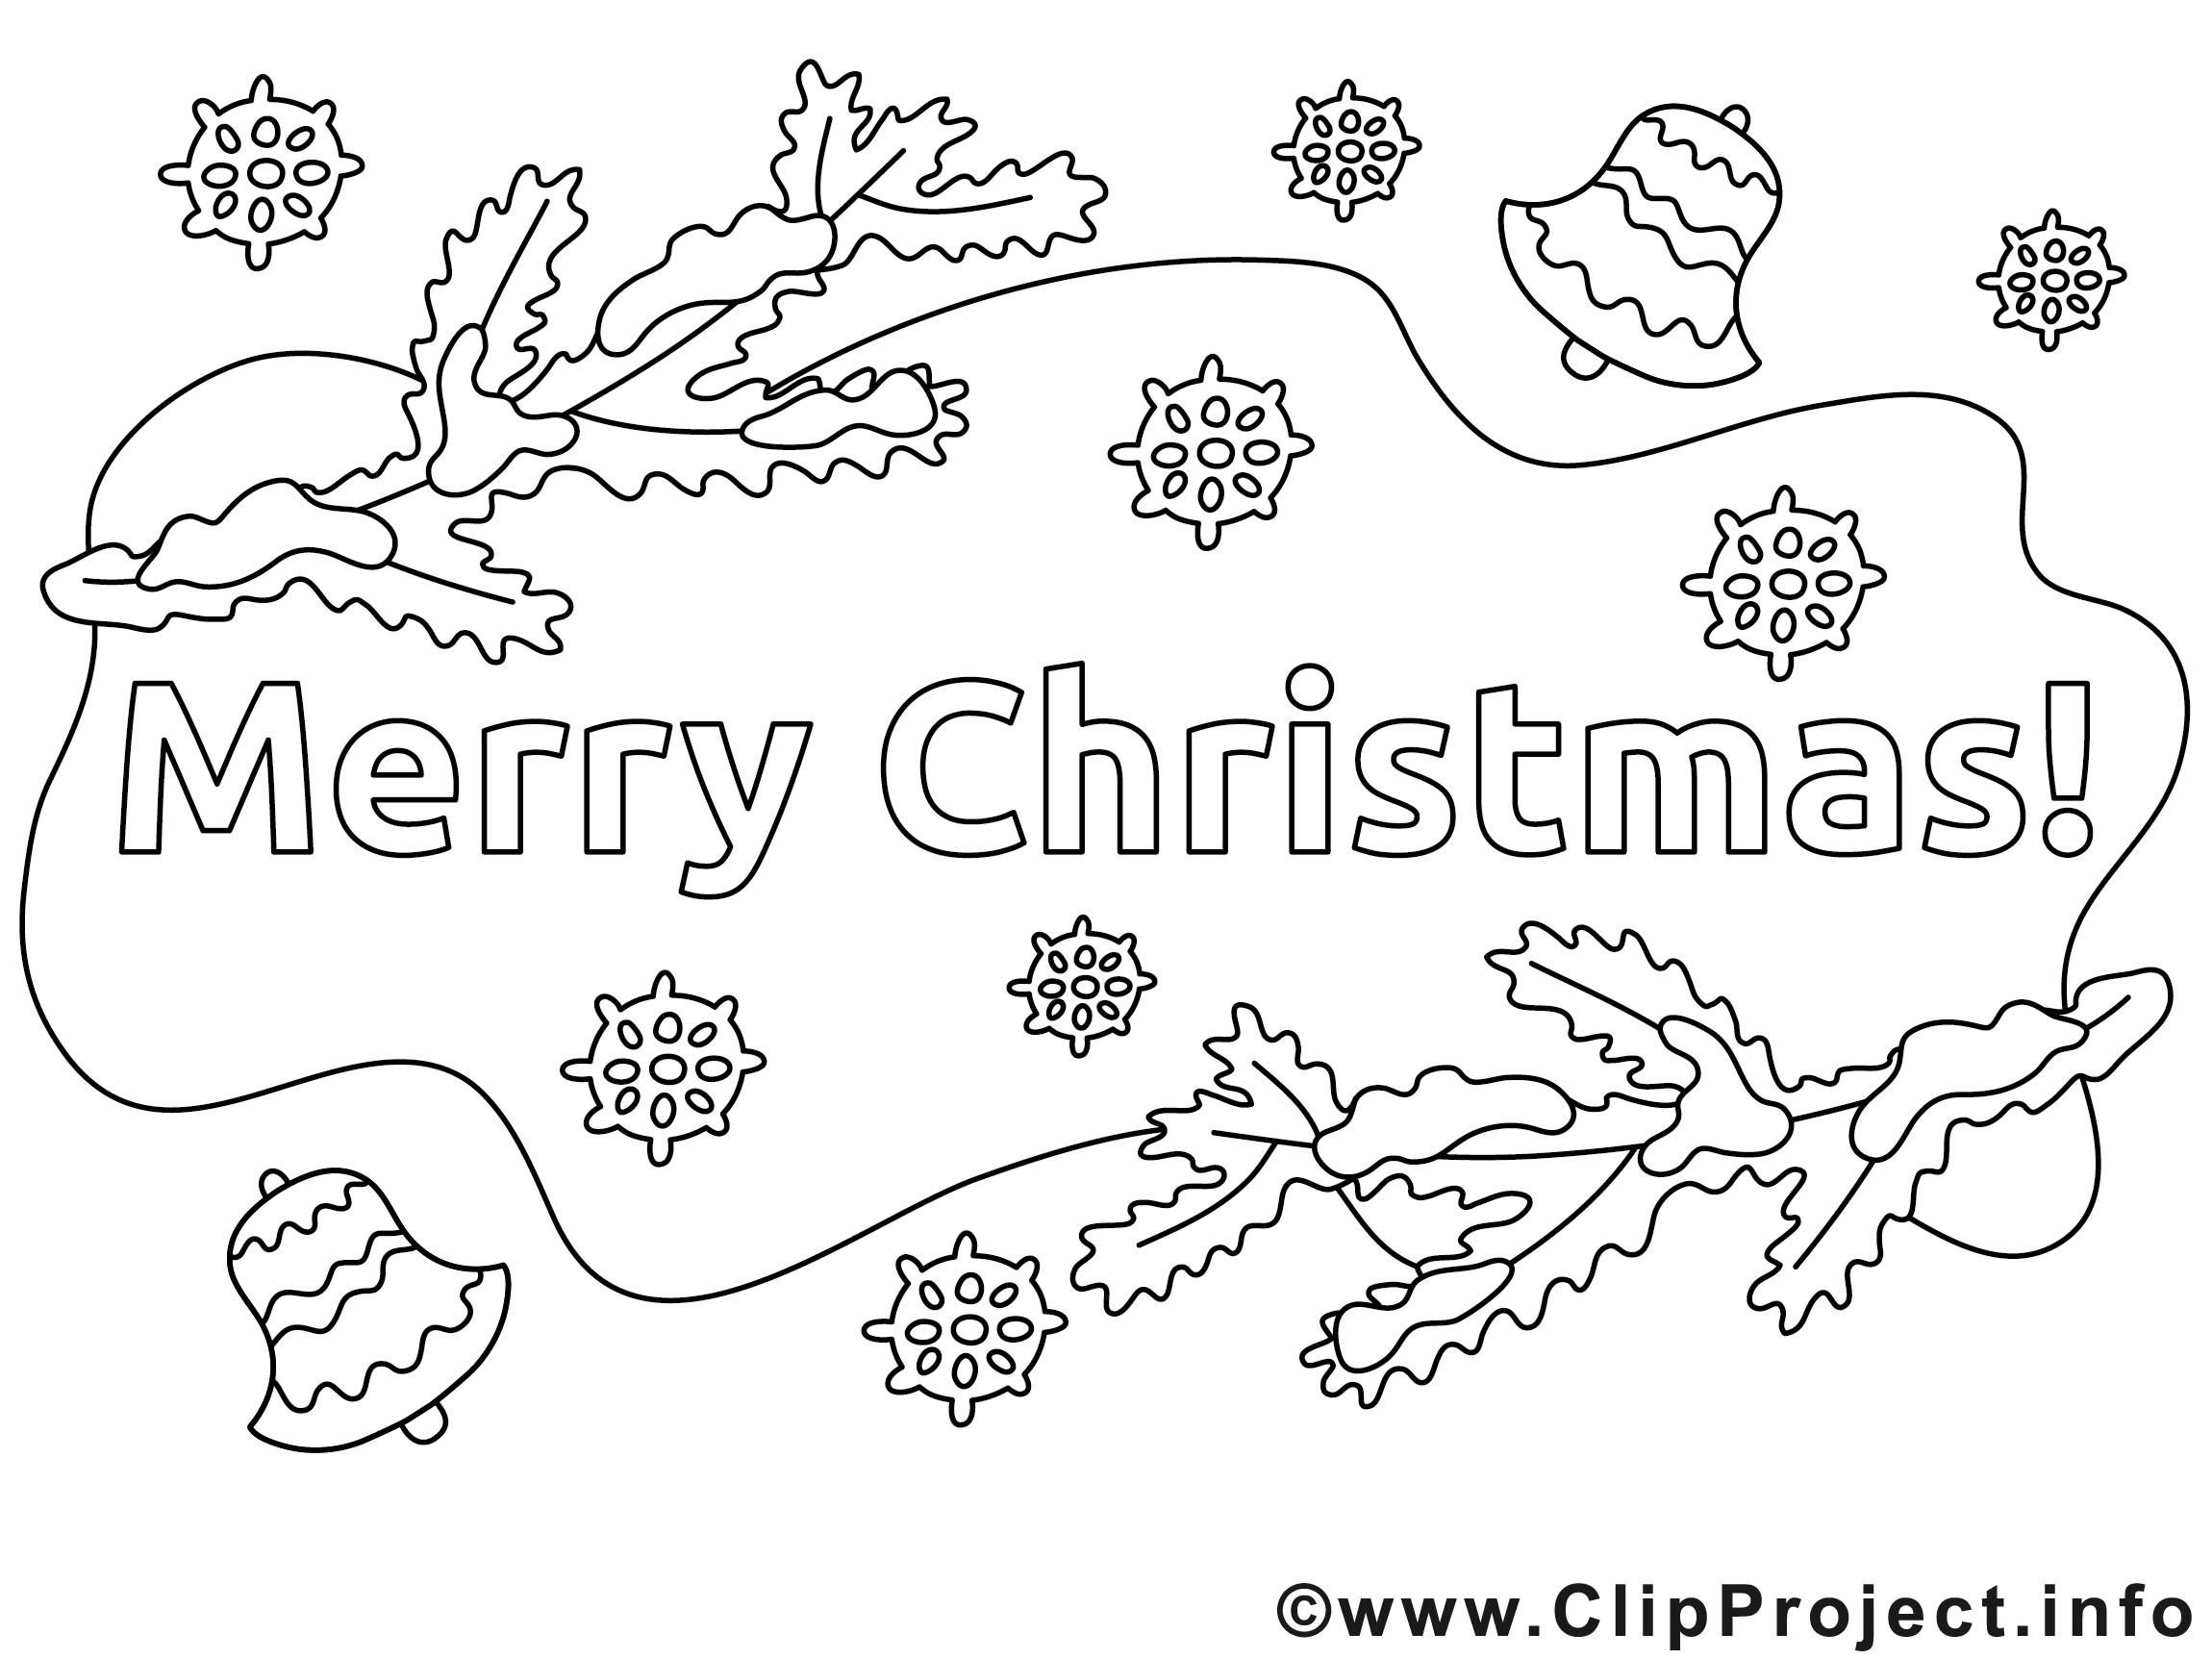 Kostenlose Malvorlagen Weihnachten  Ausmalbilder Weihnachten kostenlos Ausdrucken